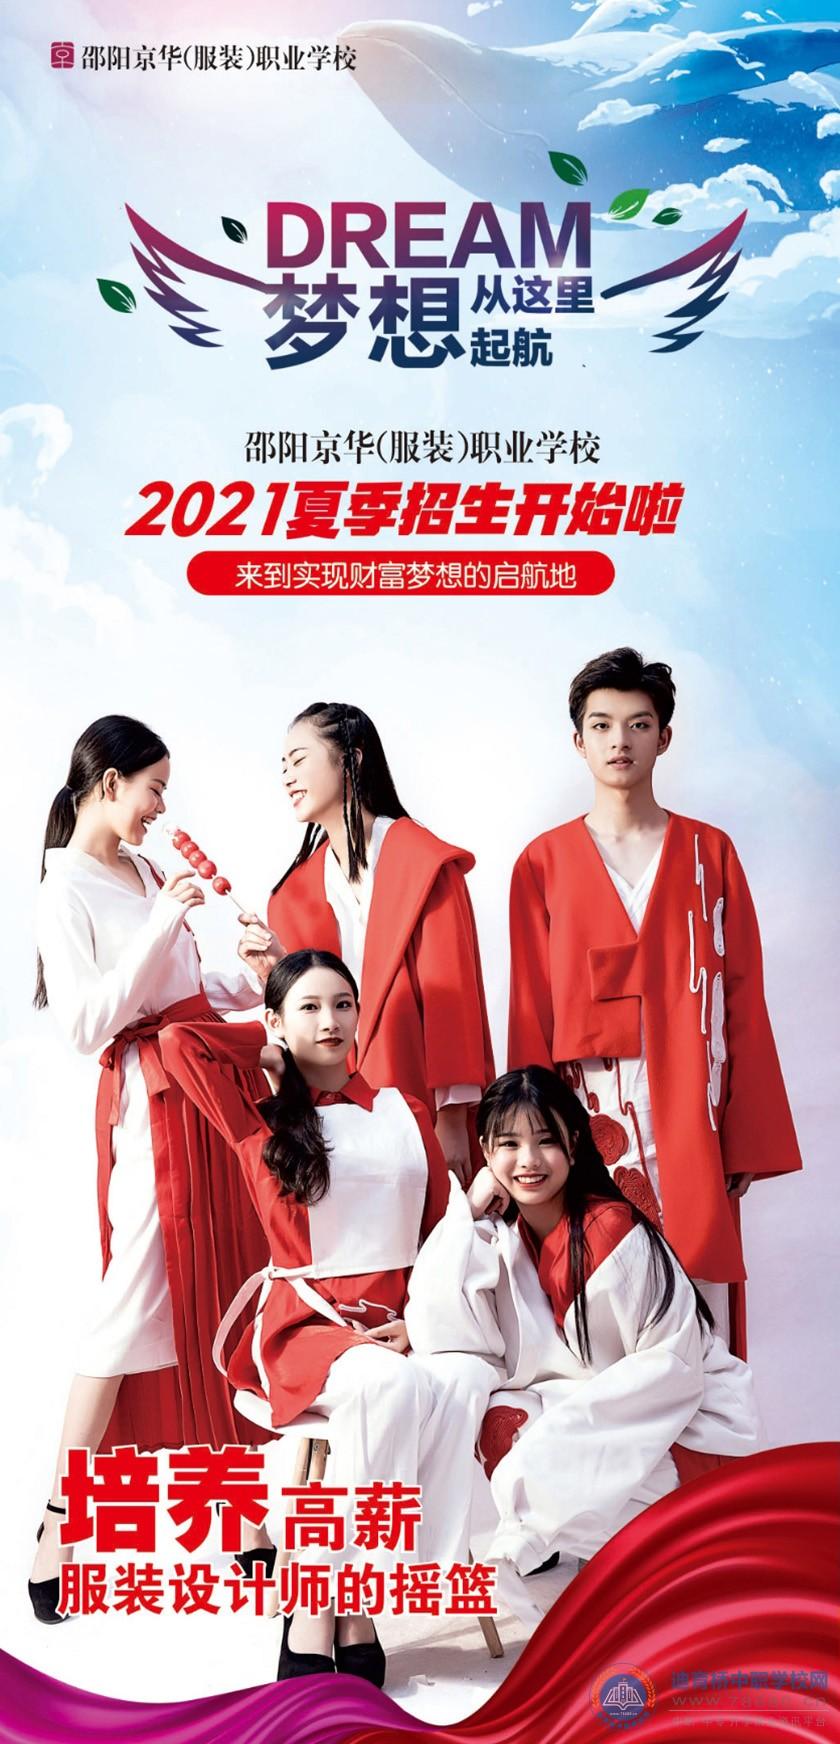 邵阳京华职业技术学校2021年春季招生简章